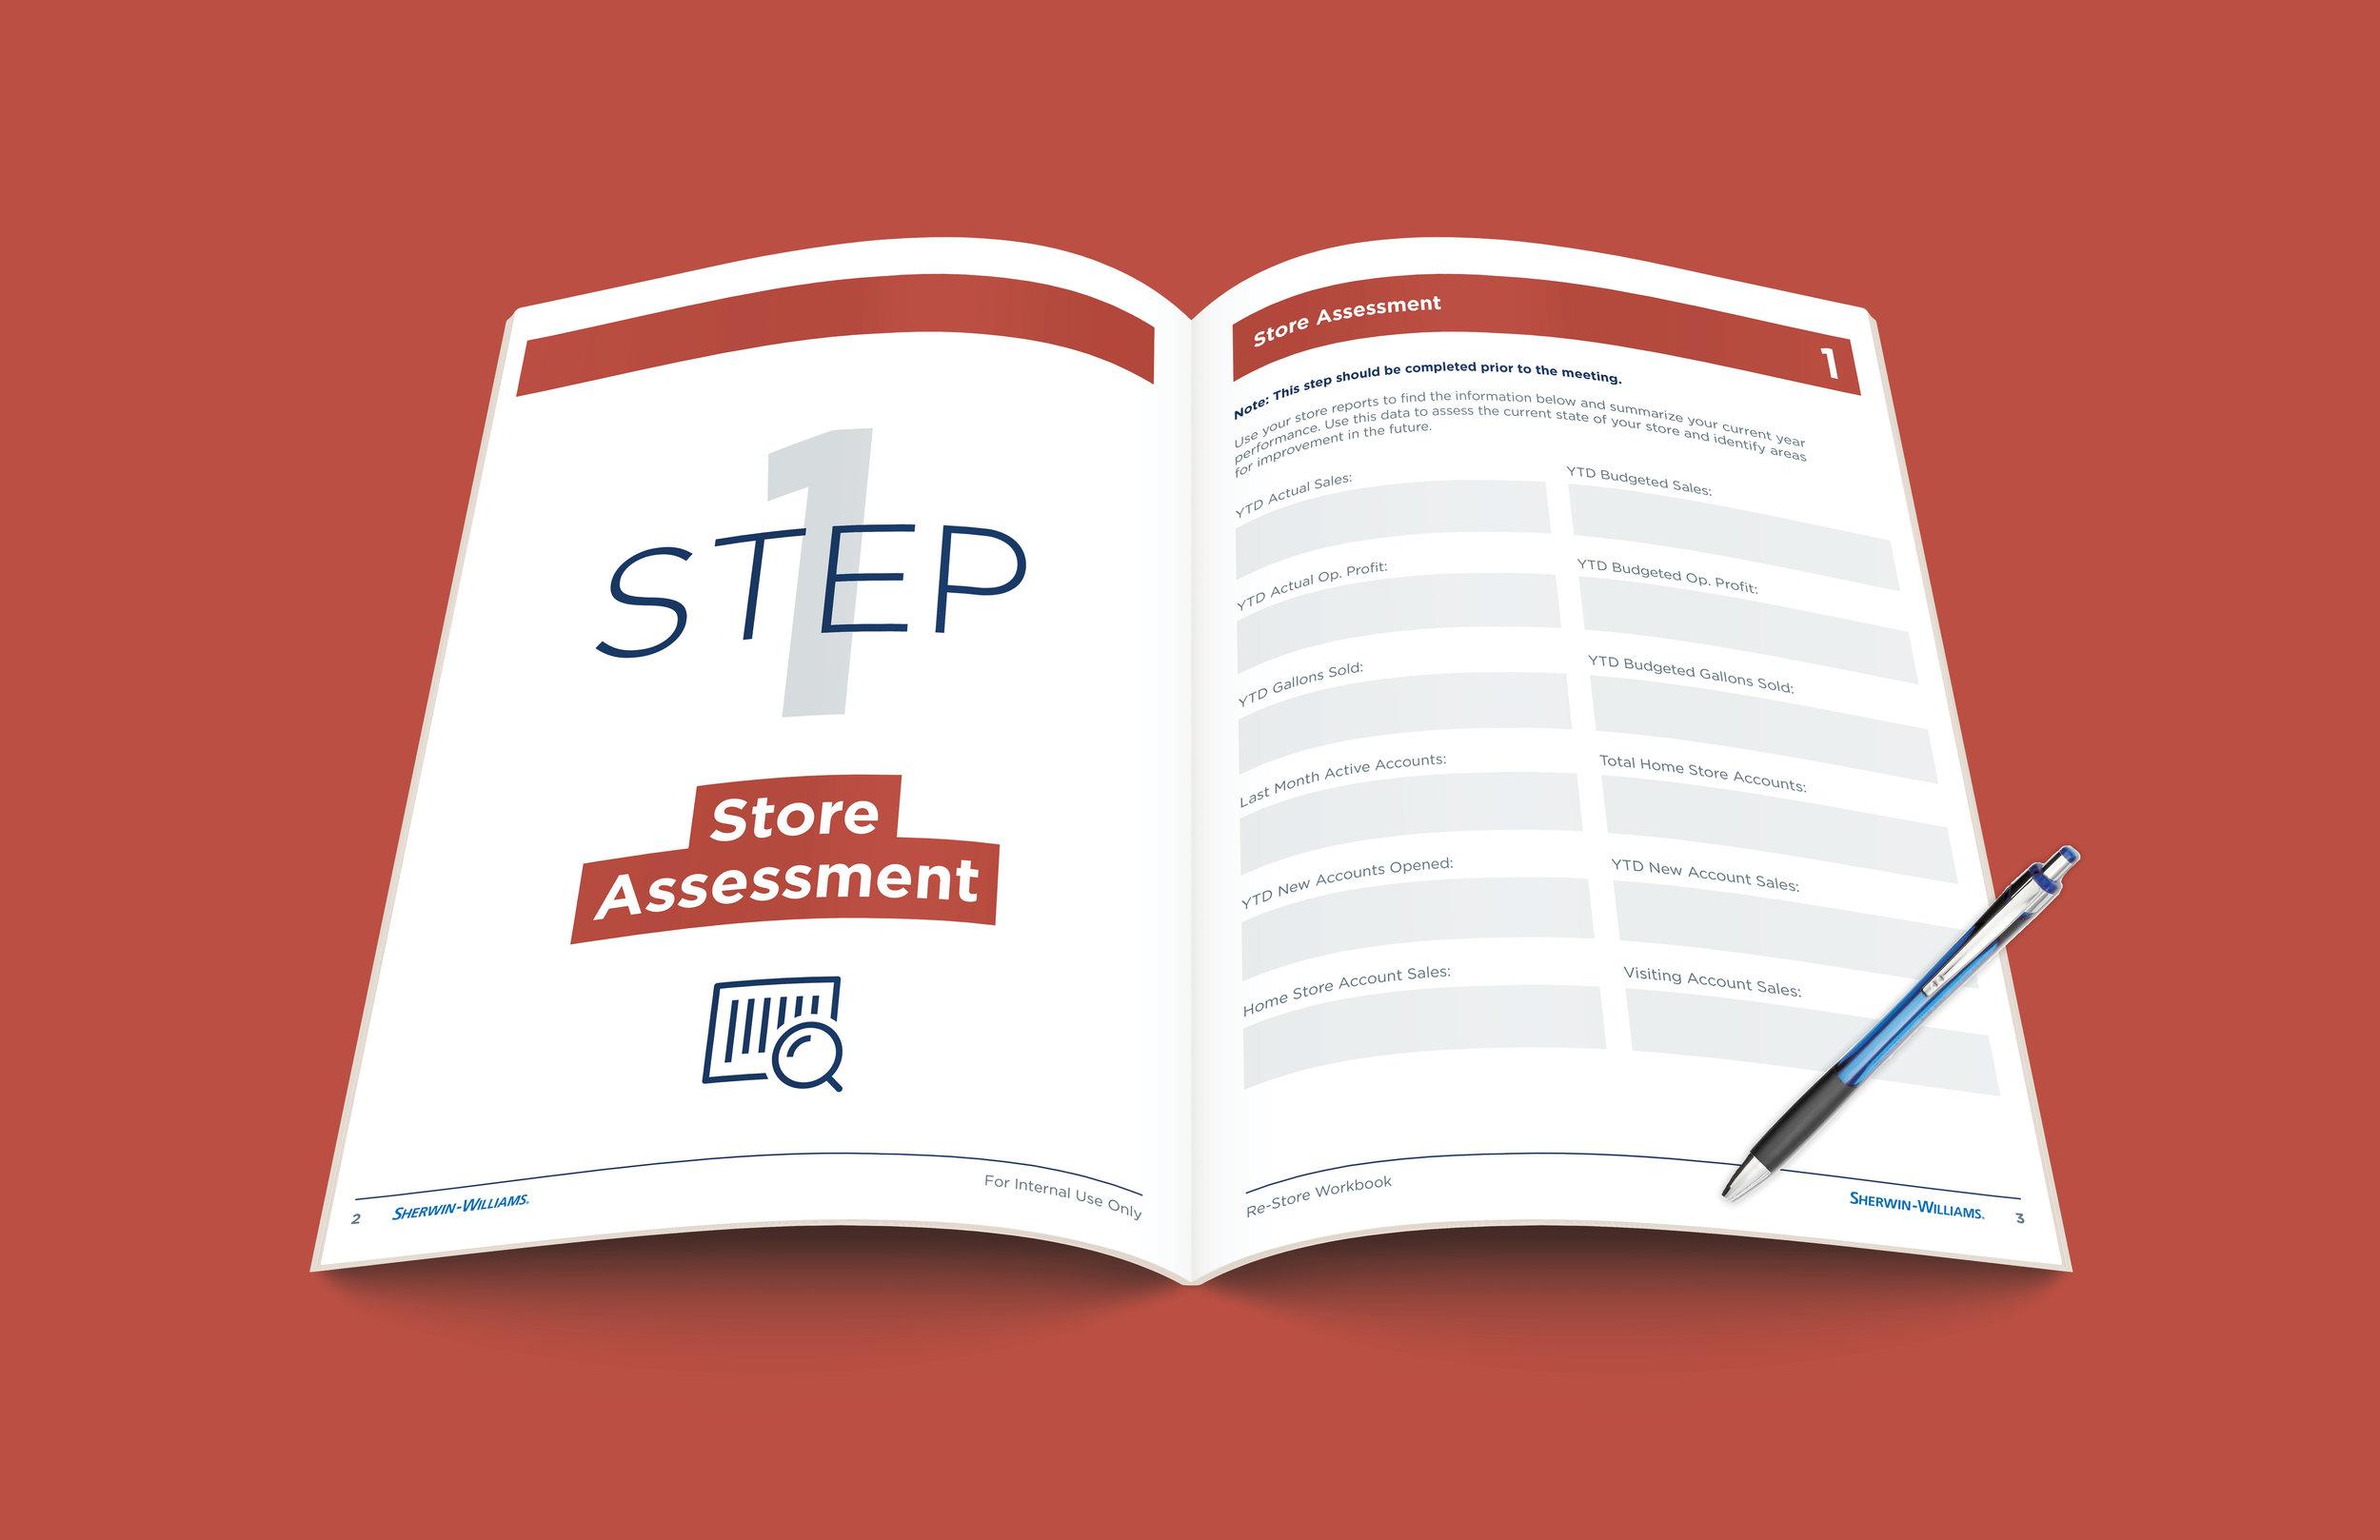 SW Restore Workbook Portfolio Layout 2.jpg